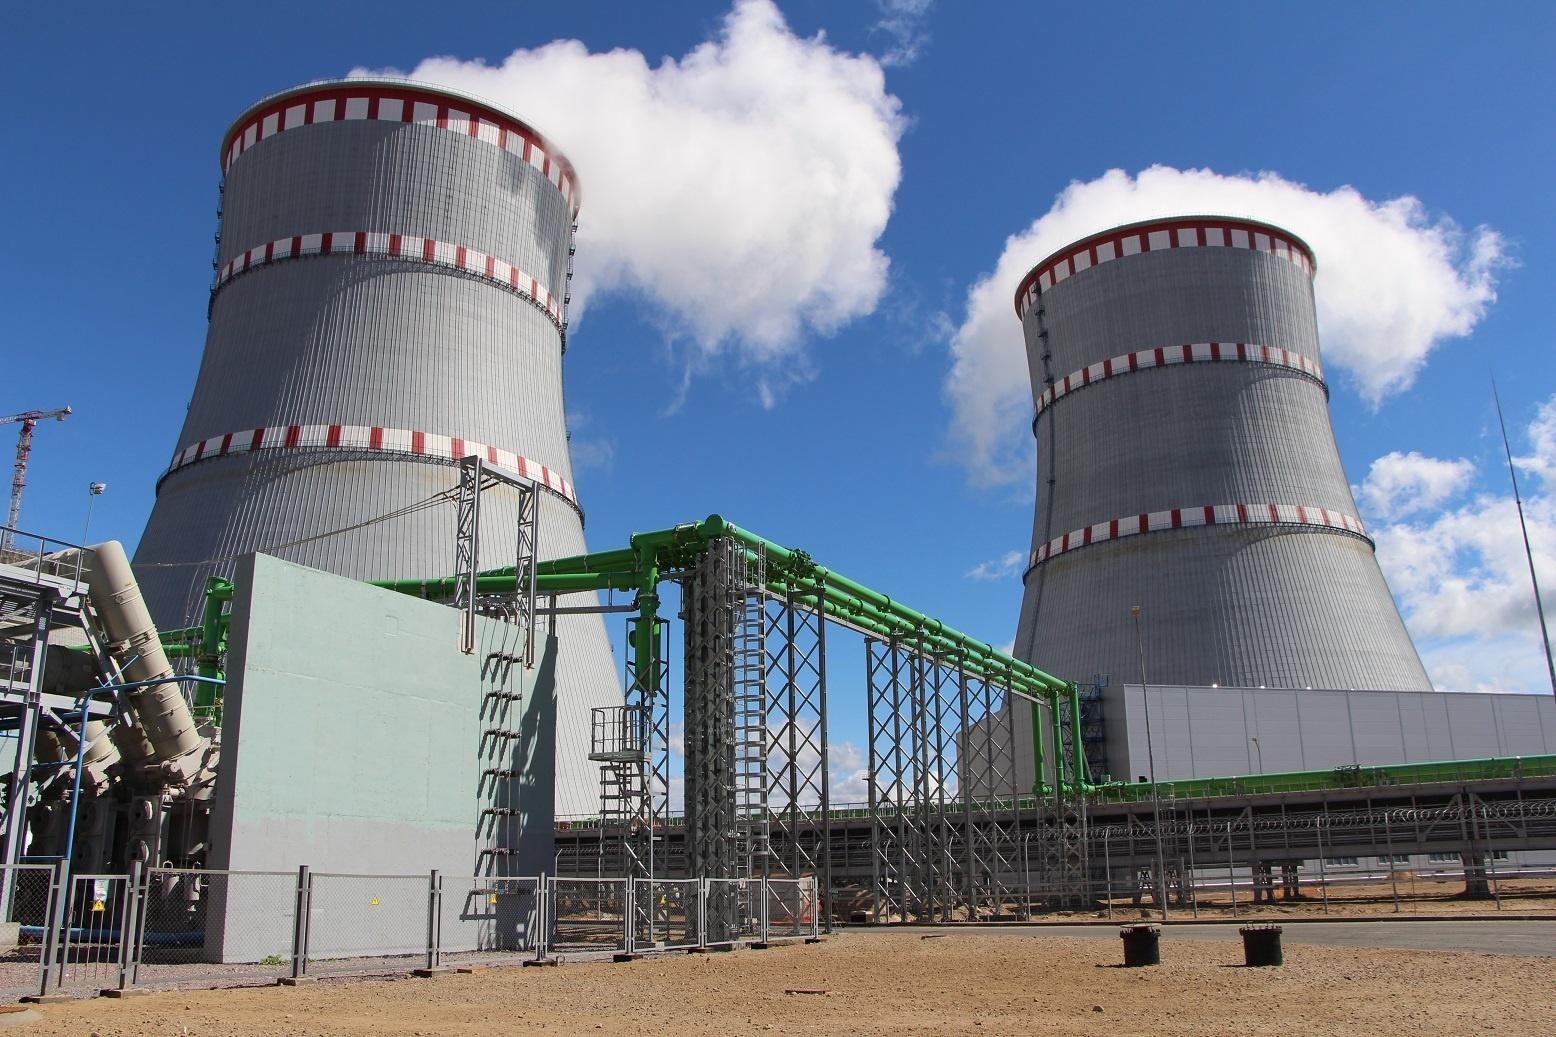 Второй энергоблок на ЛАЭС-2 должен обеспечить энергобезопасность страны -  ИА REGNUM | 1037x1556